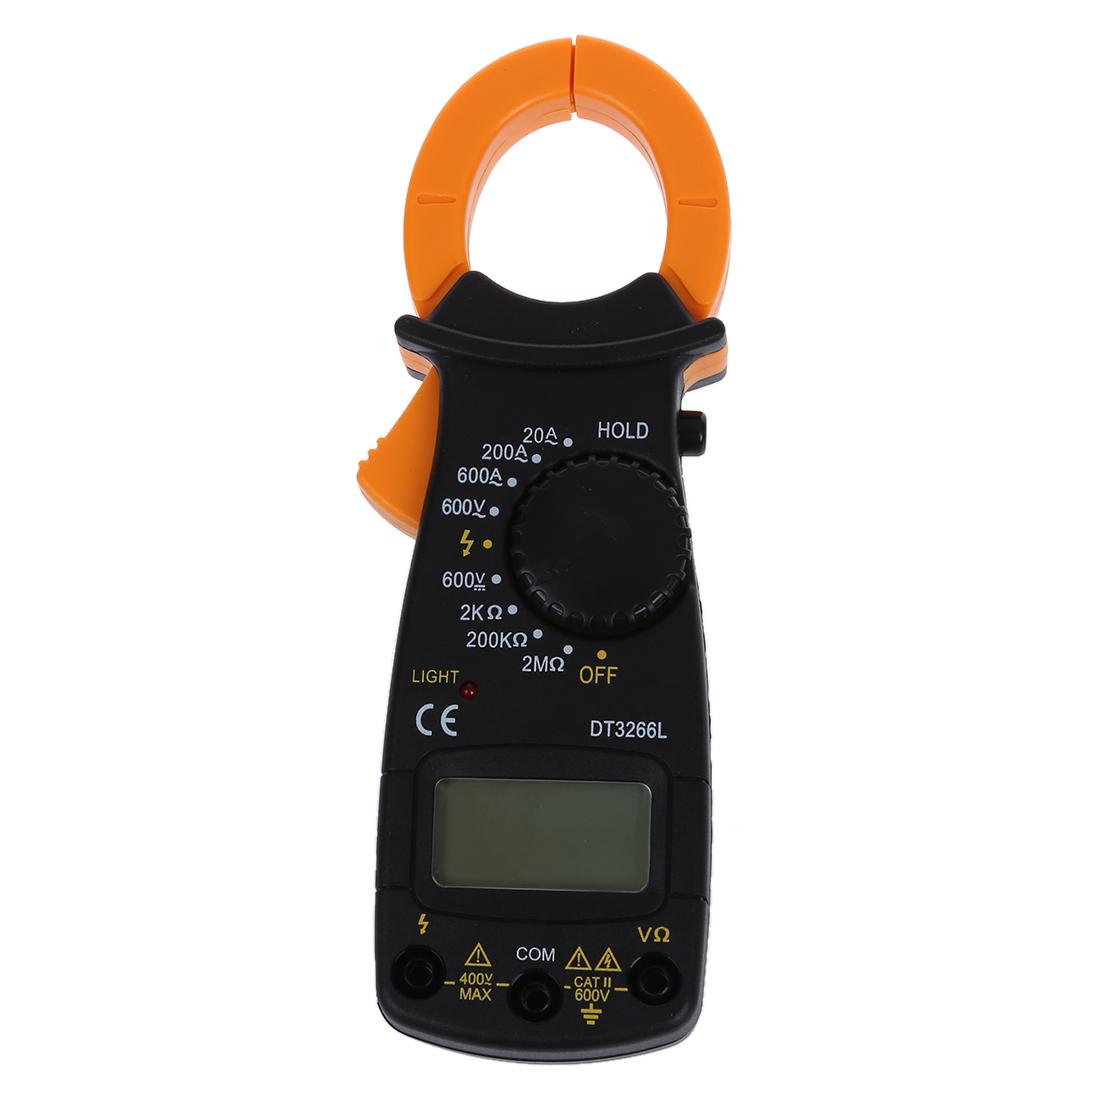 Ac Dc Digital Clamp Meter : Ac dc digital electronic tester clamp meter multimeter